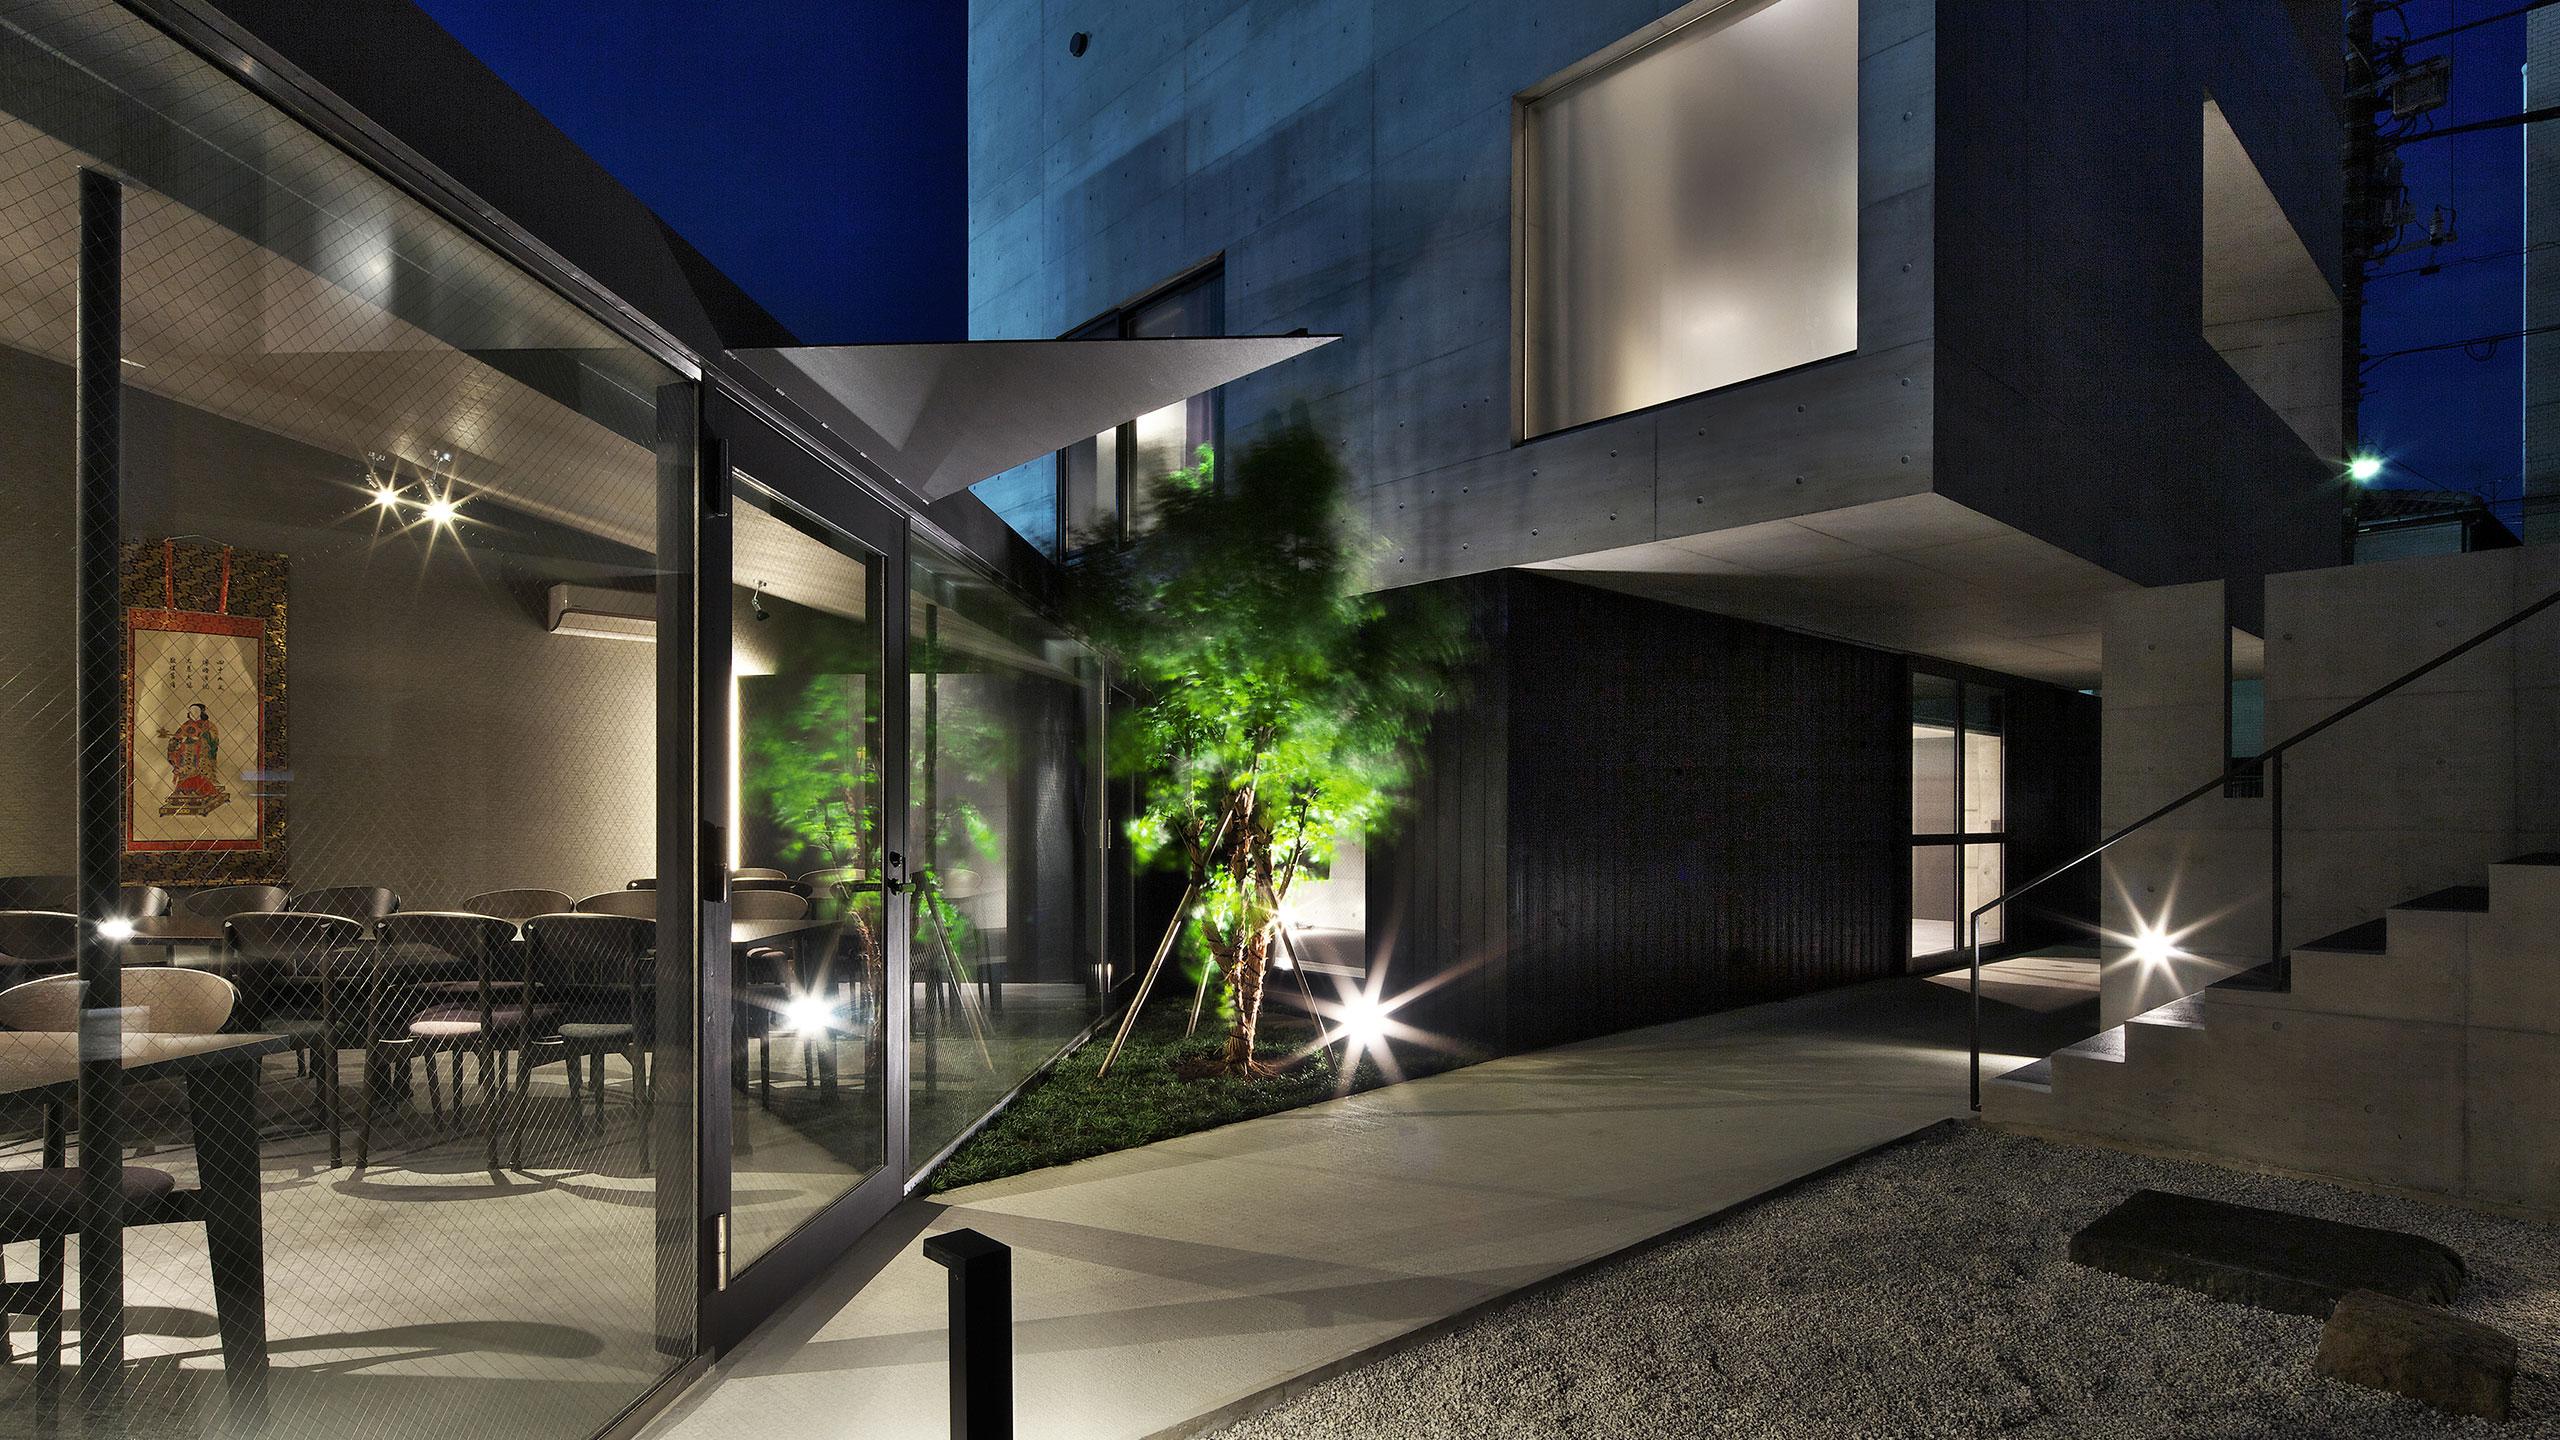 東京通入寺中庭打燈夜景